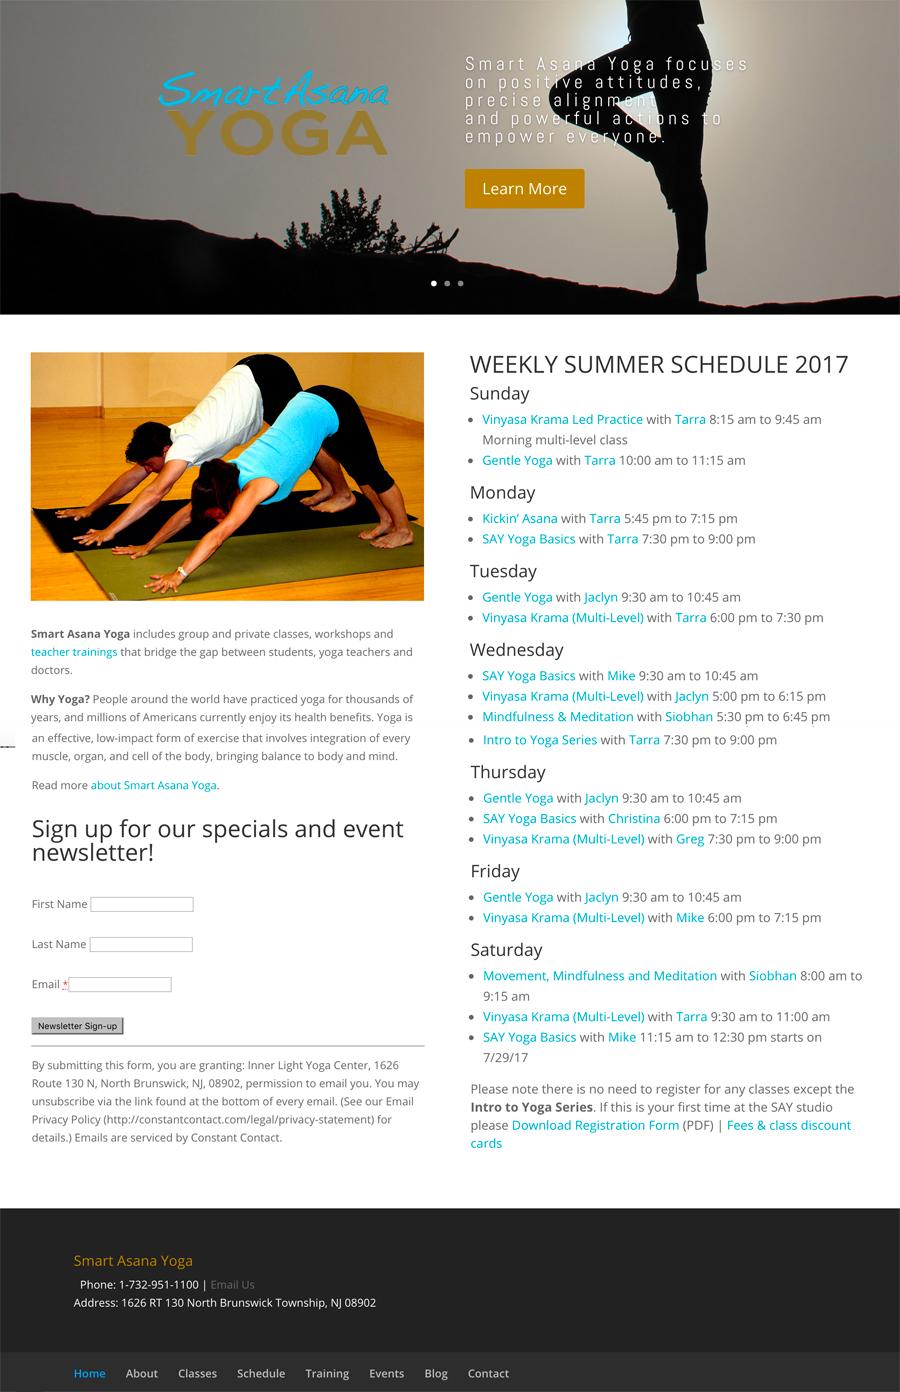 Active Lifestyle Professional Services Web Design NJ